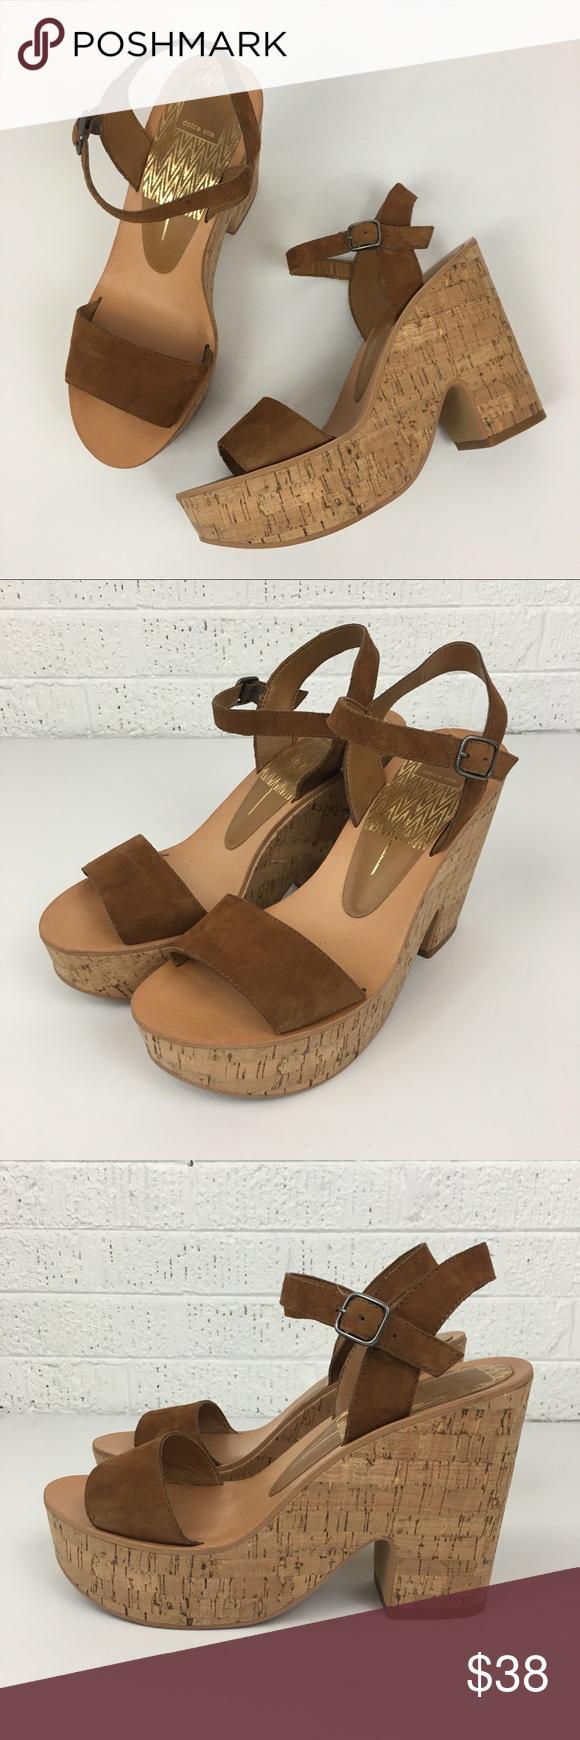 9d65a544b3f Dolce Vita Randi chunky heel sandals